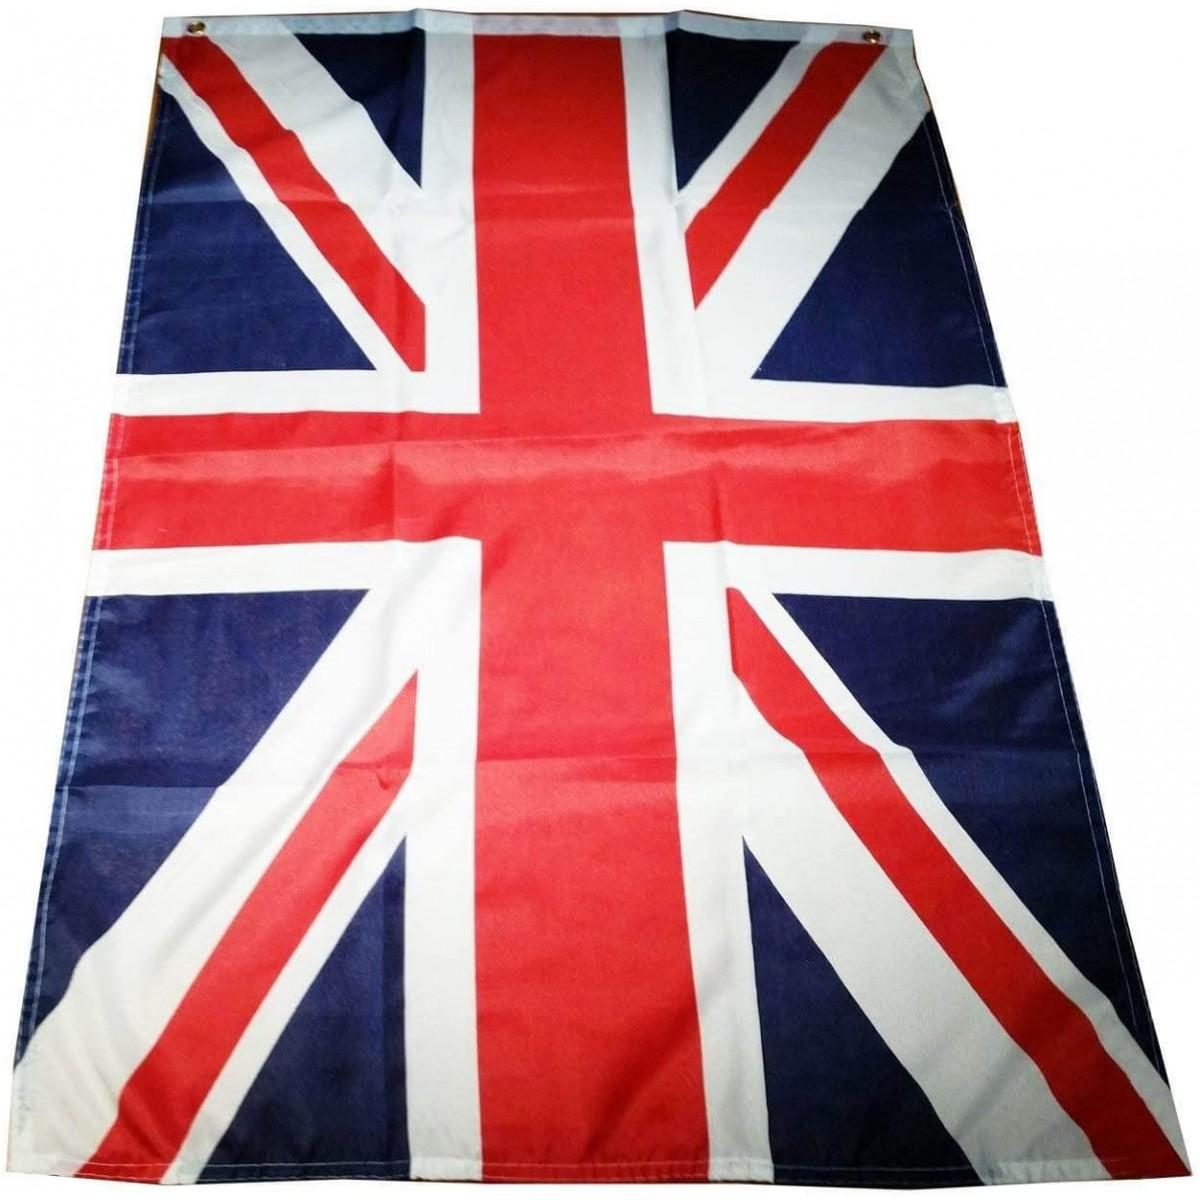 Bandiera Inglese - Gran Bretagna da 60,96 x 91,44 Cm